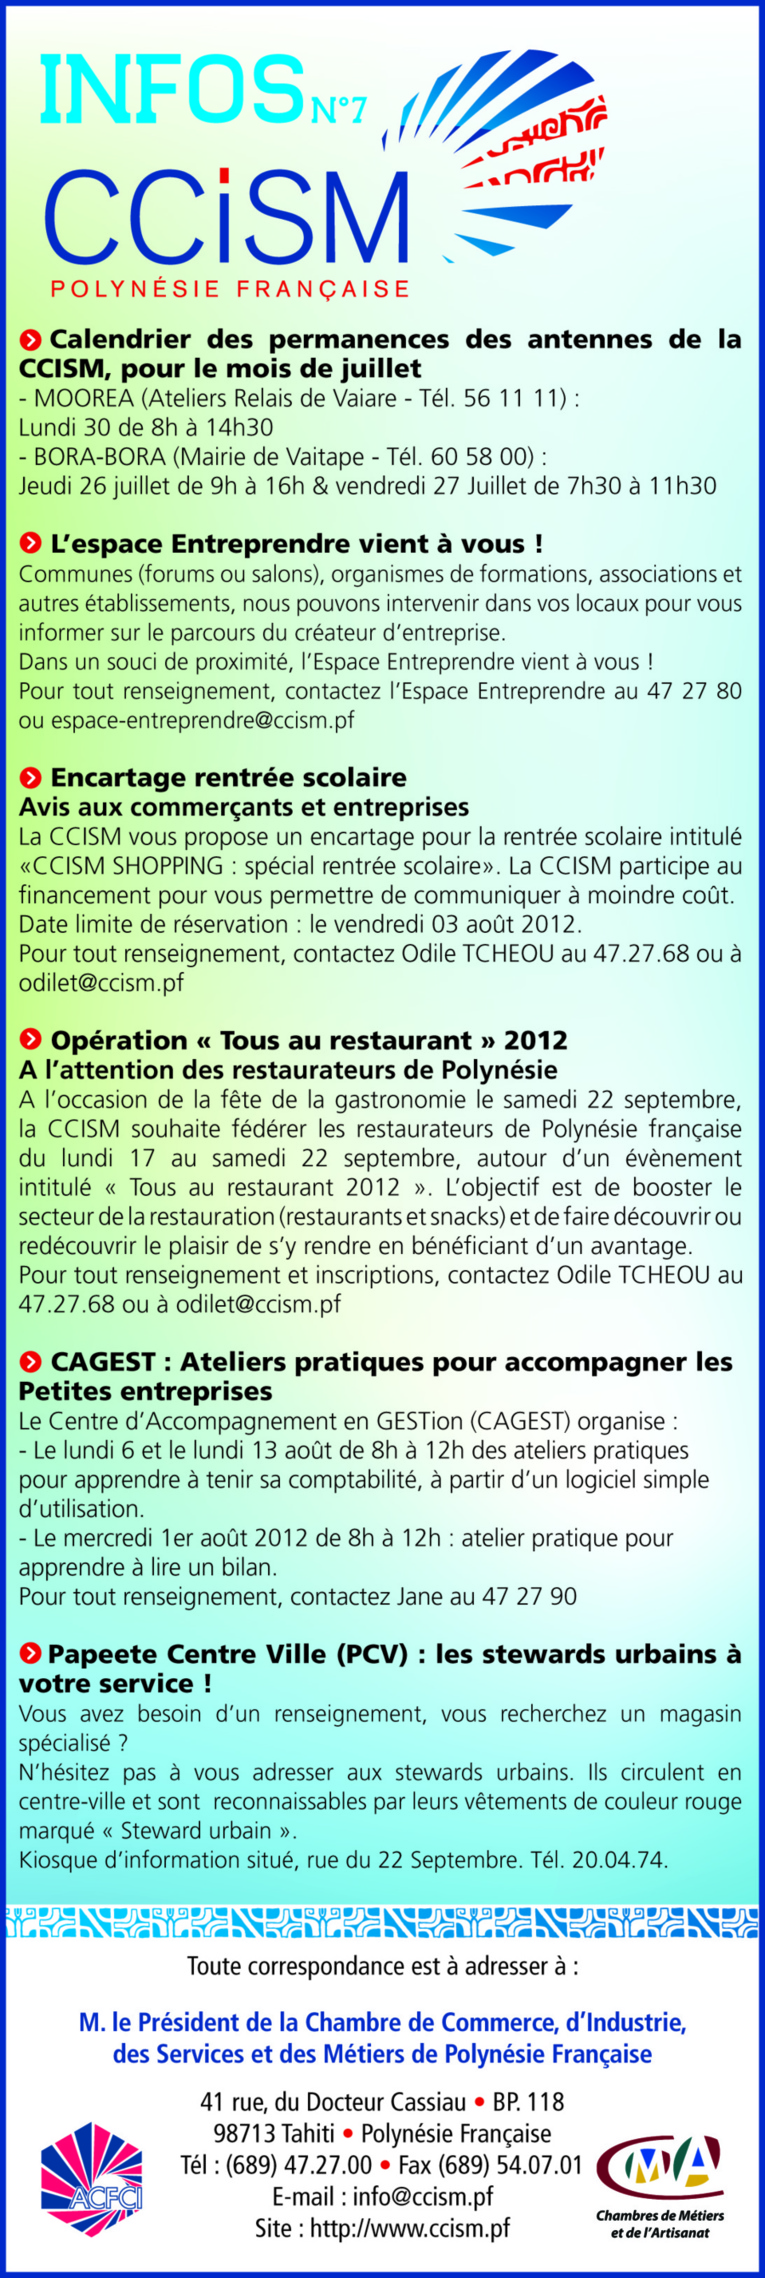 Infos CCISM N°7